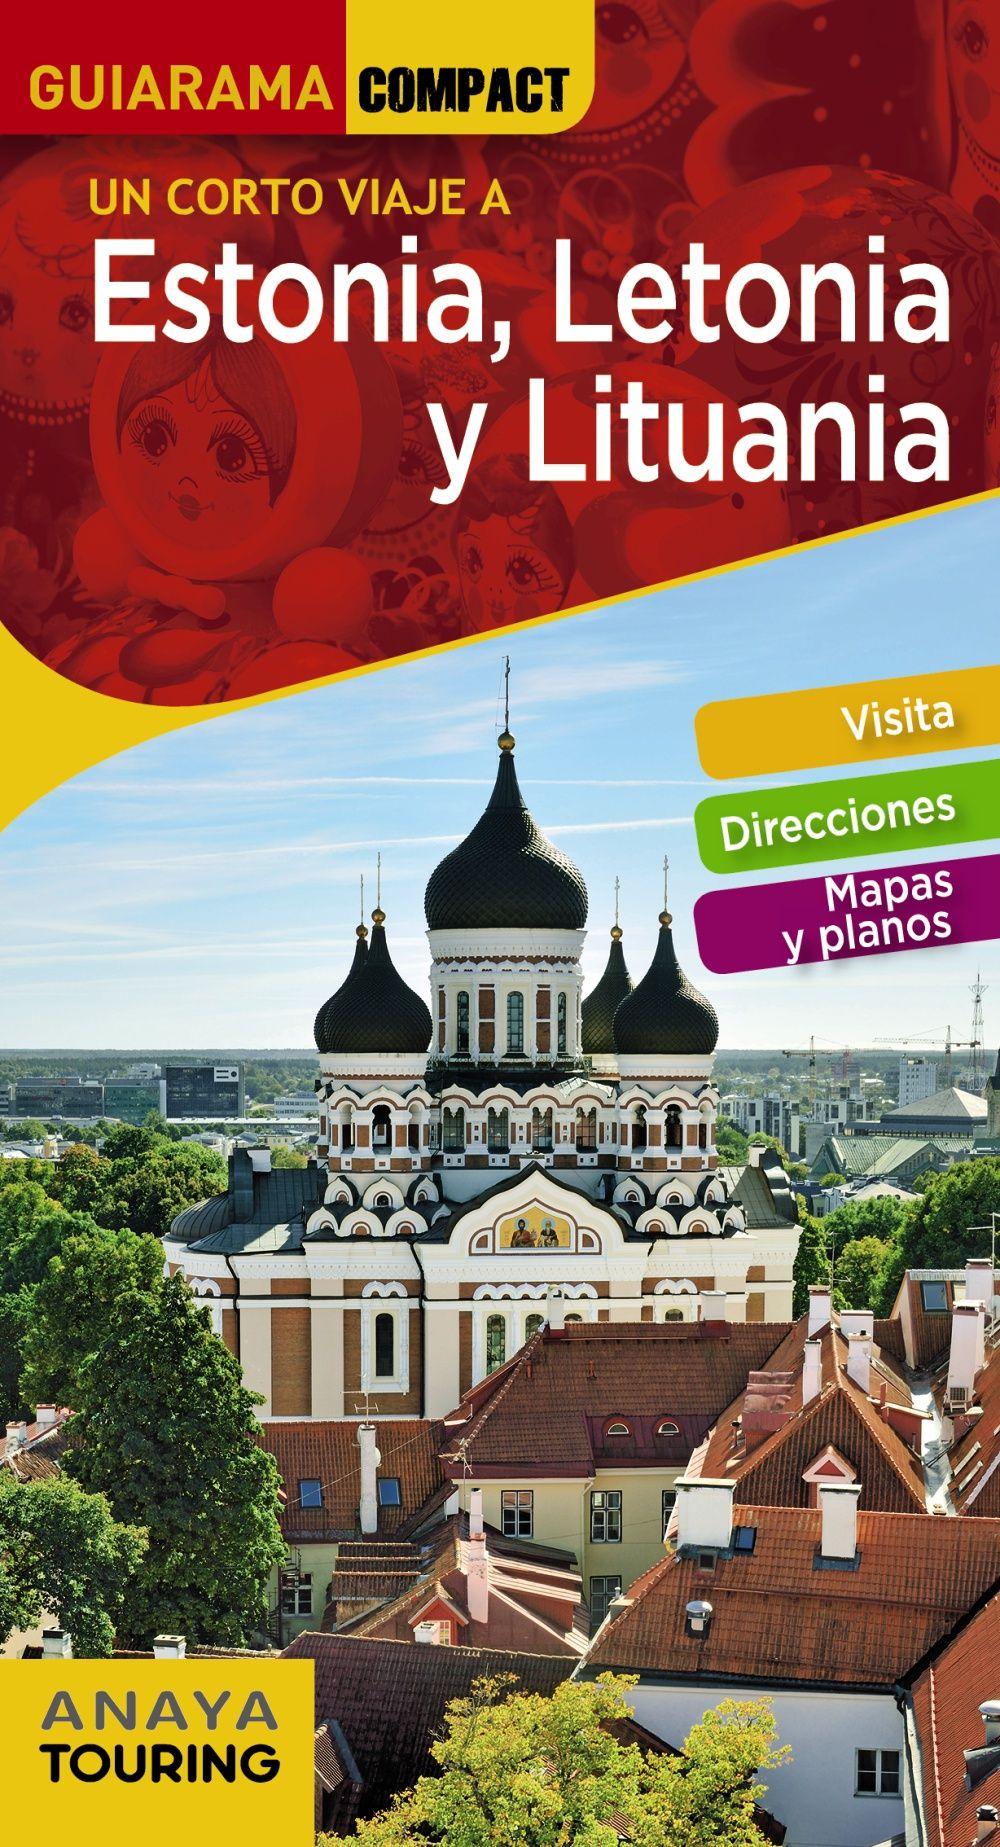 ESTONIA LETONIA Y LITUANIA GUIARAMA